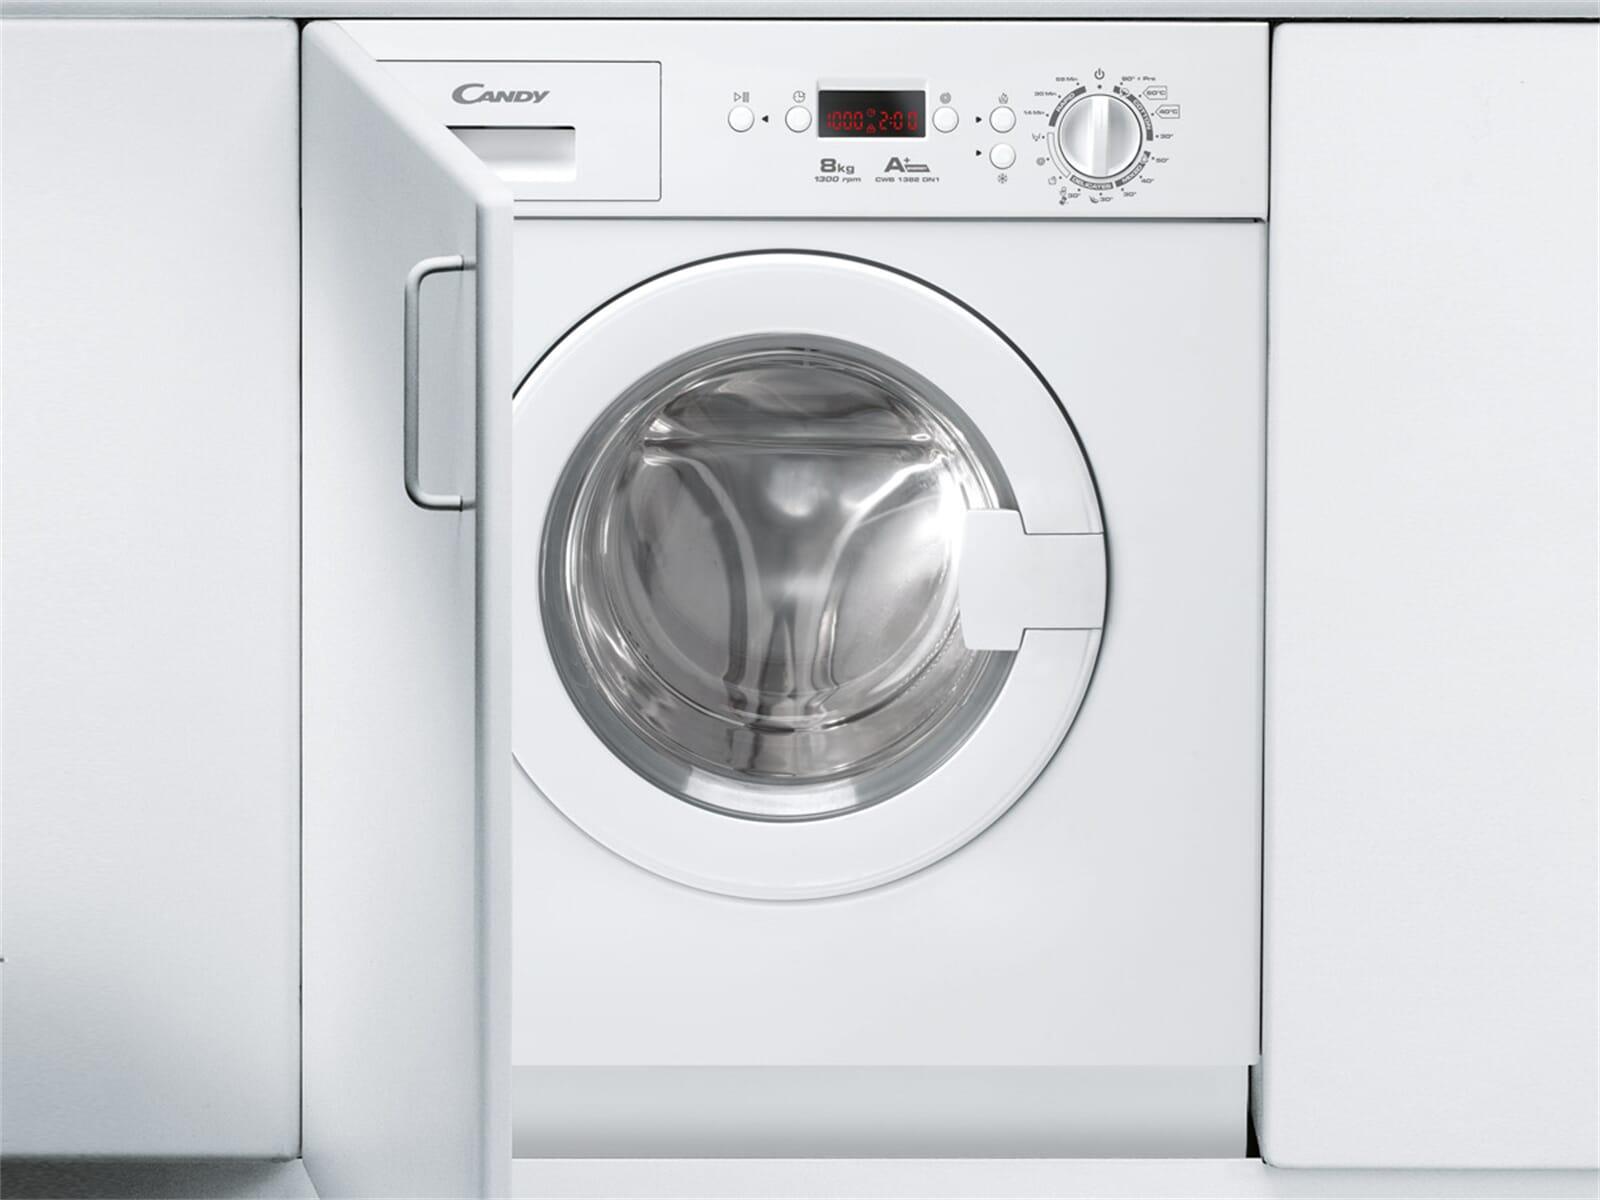 einbau waschmaschinen. Black Bedroom Furniture Sets. Home Design Ideas